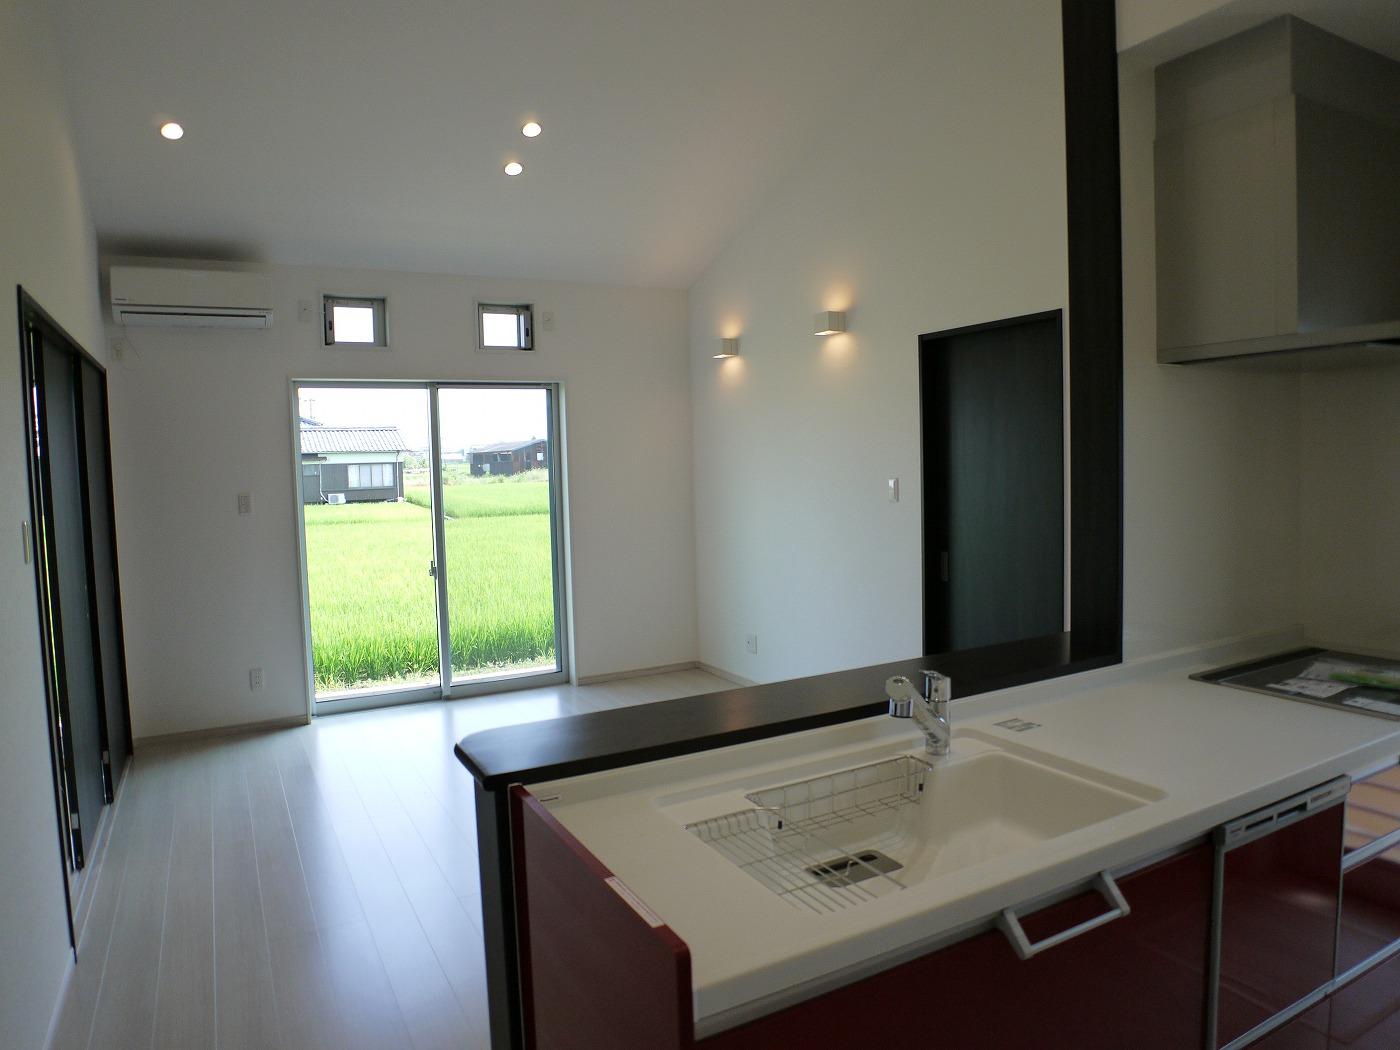 開放感のある平屋のキッチン